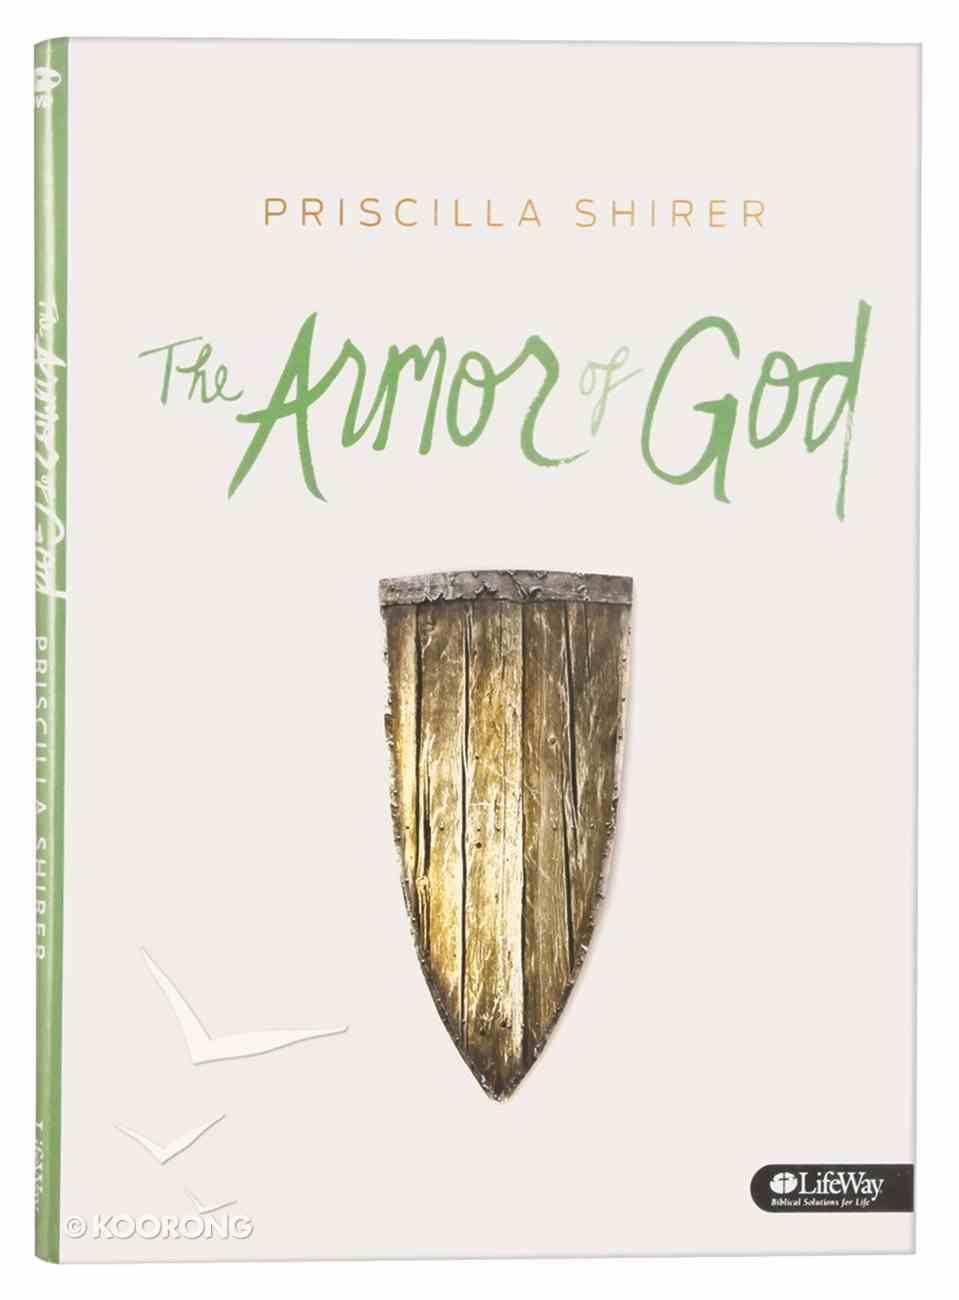 Armor of God (2 Dvds) (Dvd Only Set) DVD